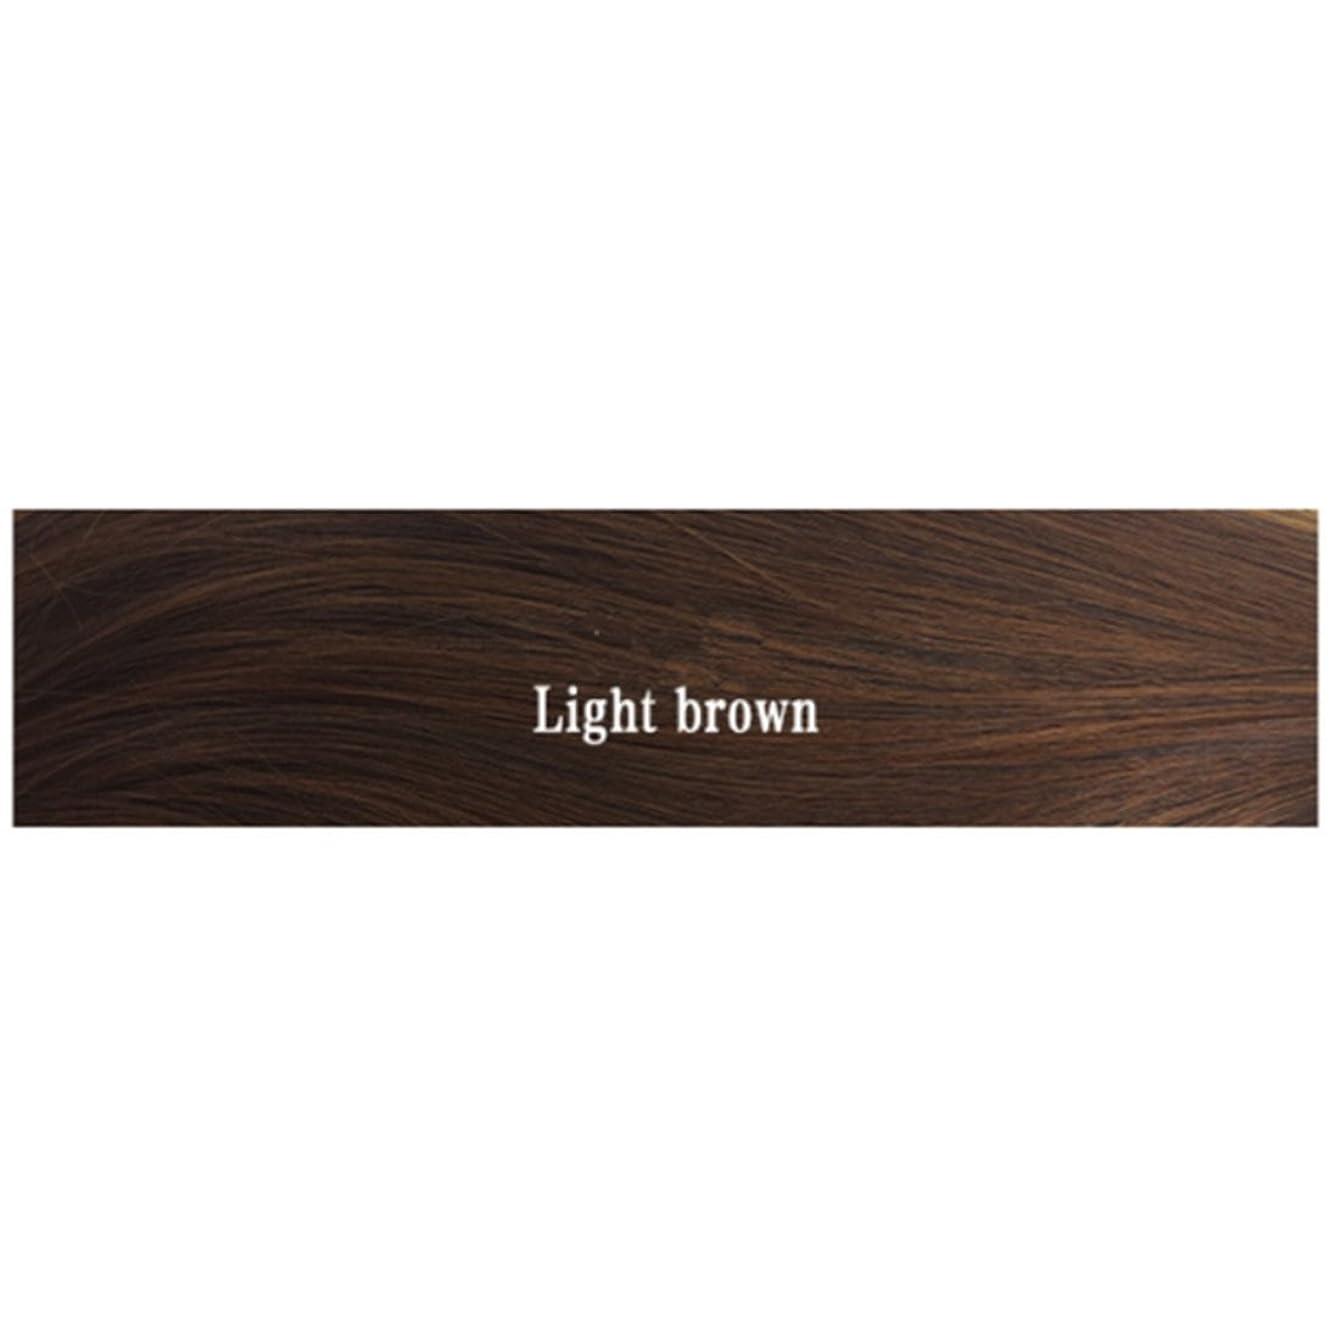 カウボーイ文化無謀Koloeplf ウィメンズ ウィッグ、エアー フラット 付き マイクロボリューム ストレート バックル ヘアー シンバス 耐熱 ウィッグ 長さ65cm (Color : Light brown)